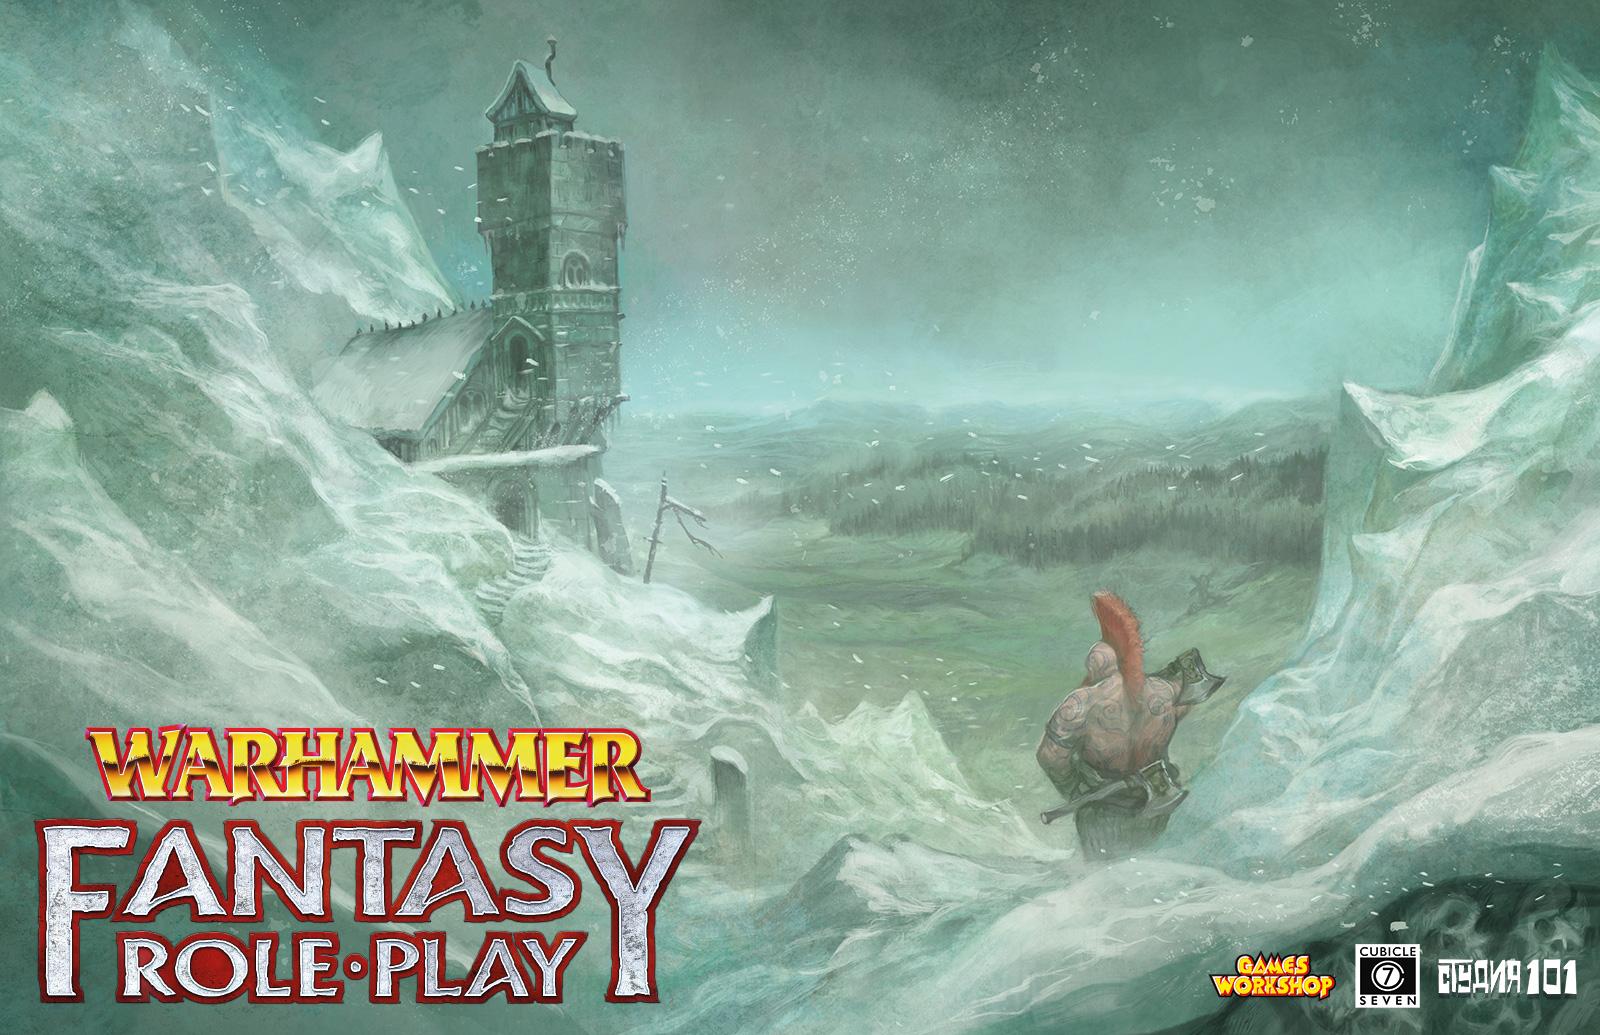 «Студия 101» открыла предзаказ на издание русской версии Warhammer Fantasy RolePlay 4